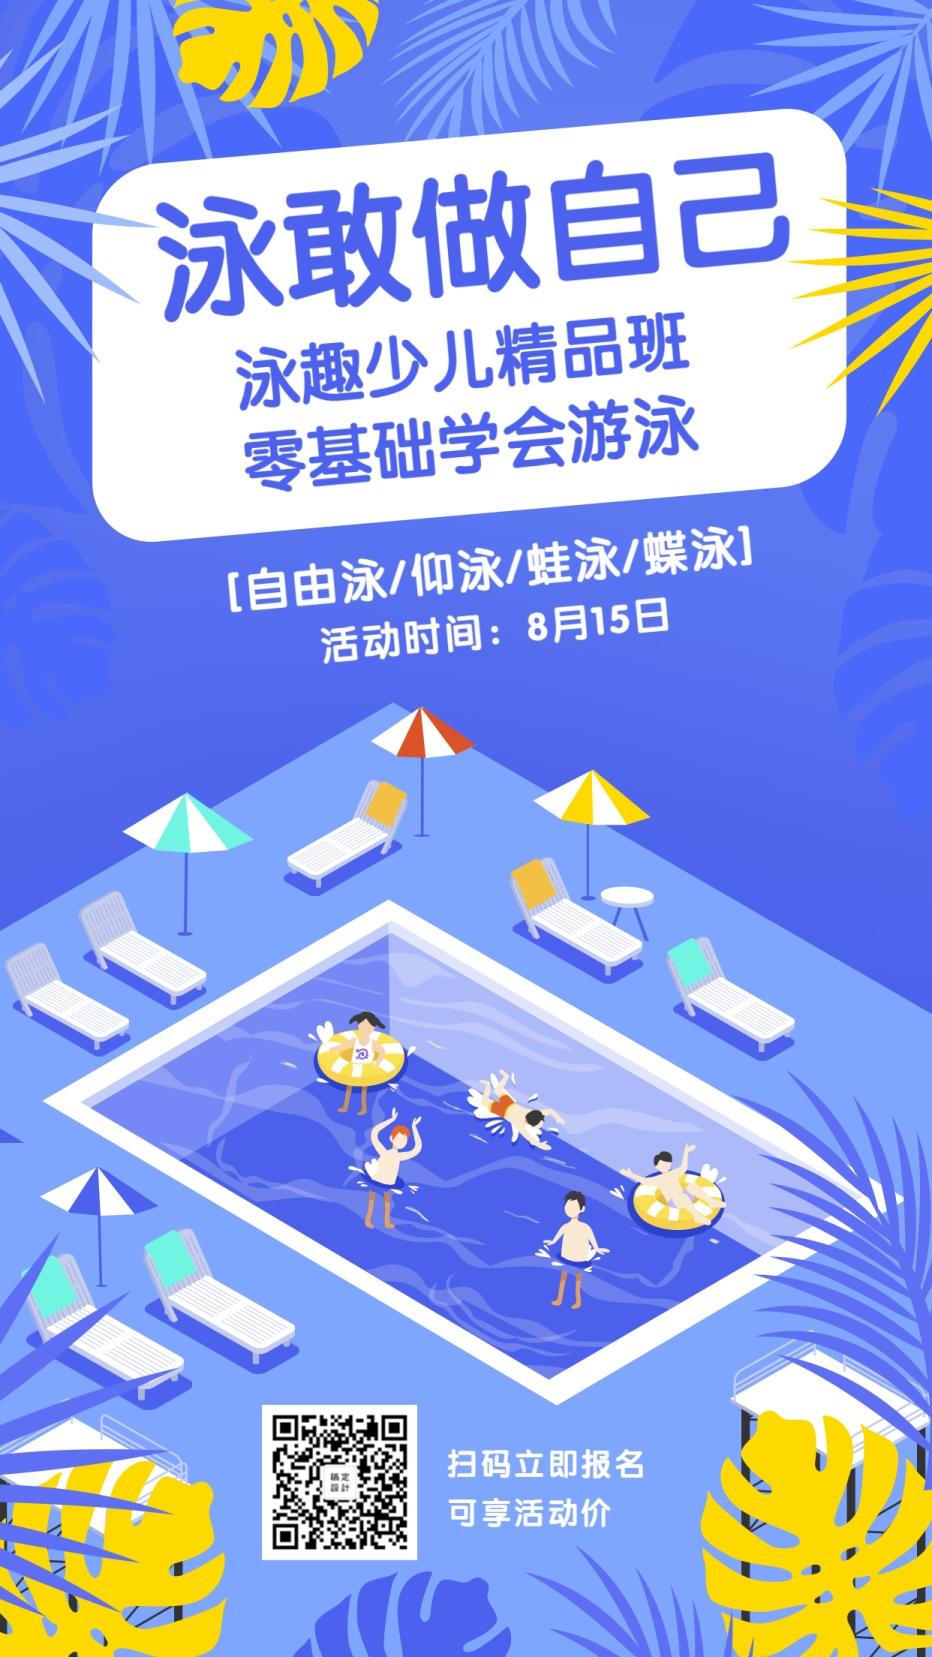 暑期游泳培训班手机海报